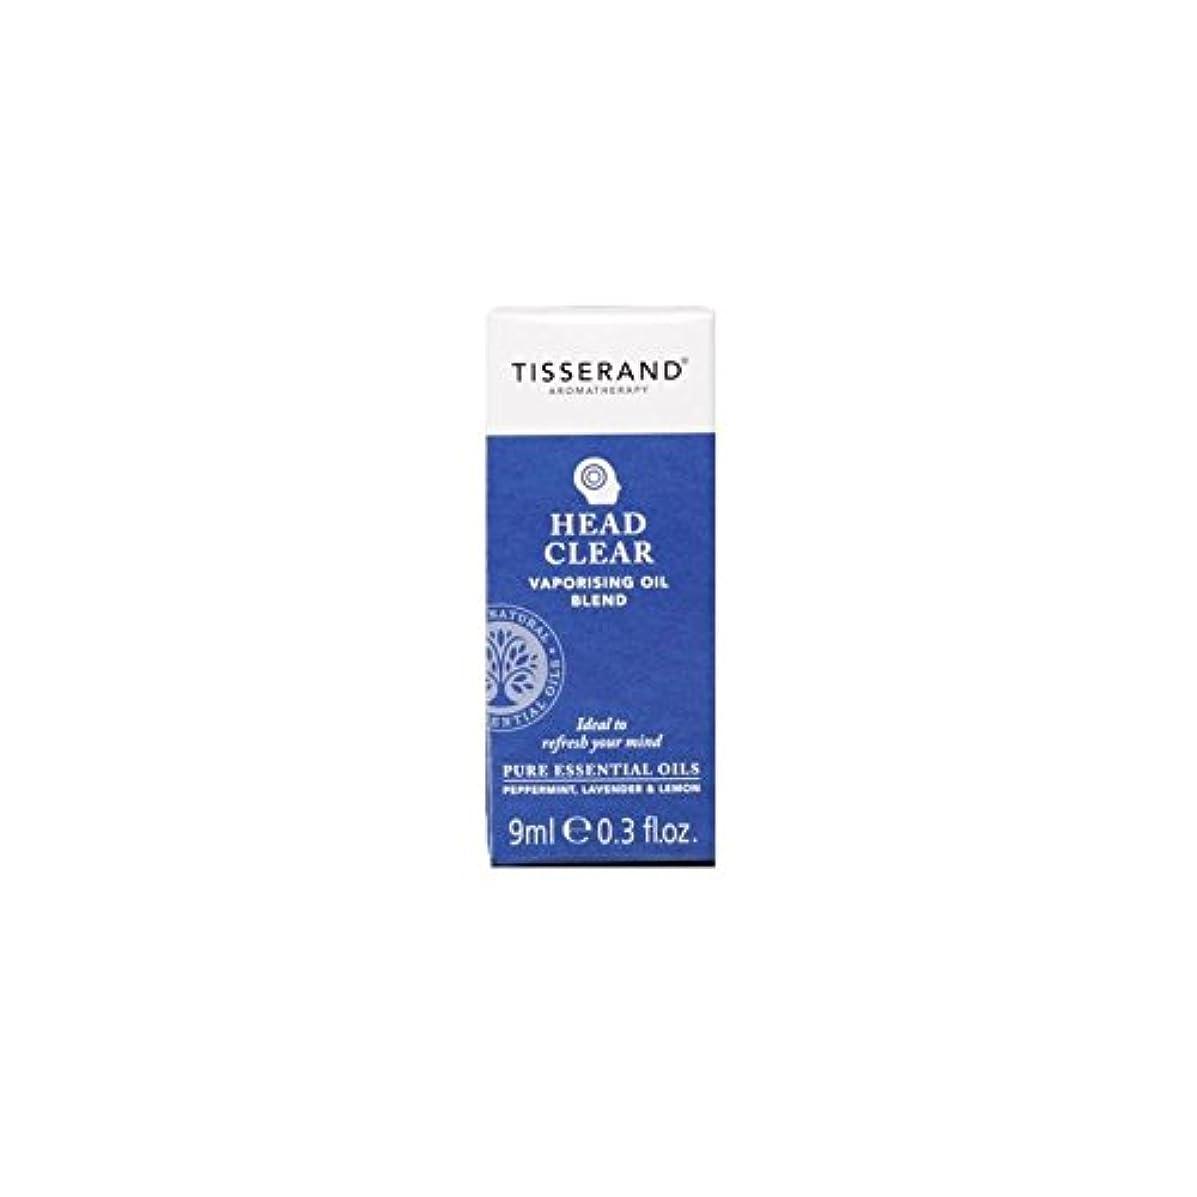 リボンながら品ヘッド明確な気化油の9ミリリットル (Tisserand) (x 2) - Tisserand Head Clear Vaporising Oil 9ml (Pack of 2) [並行輸入品]